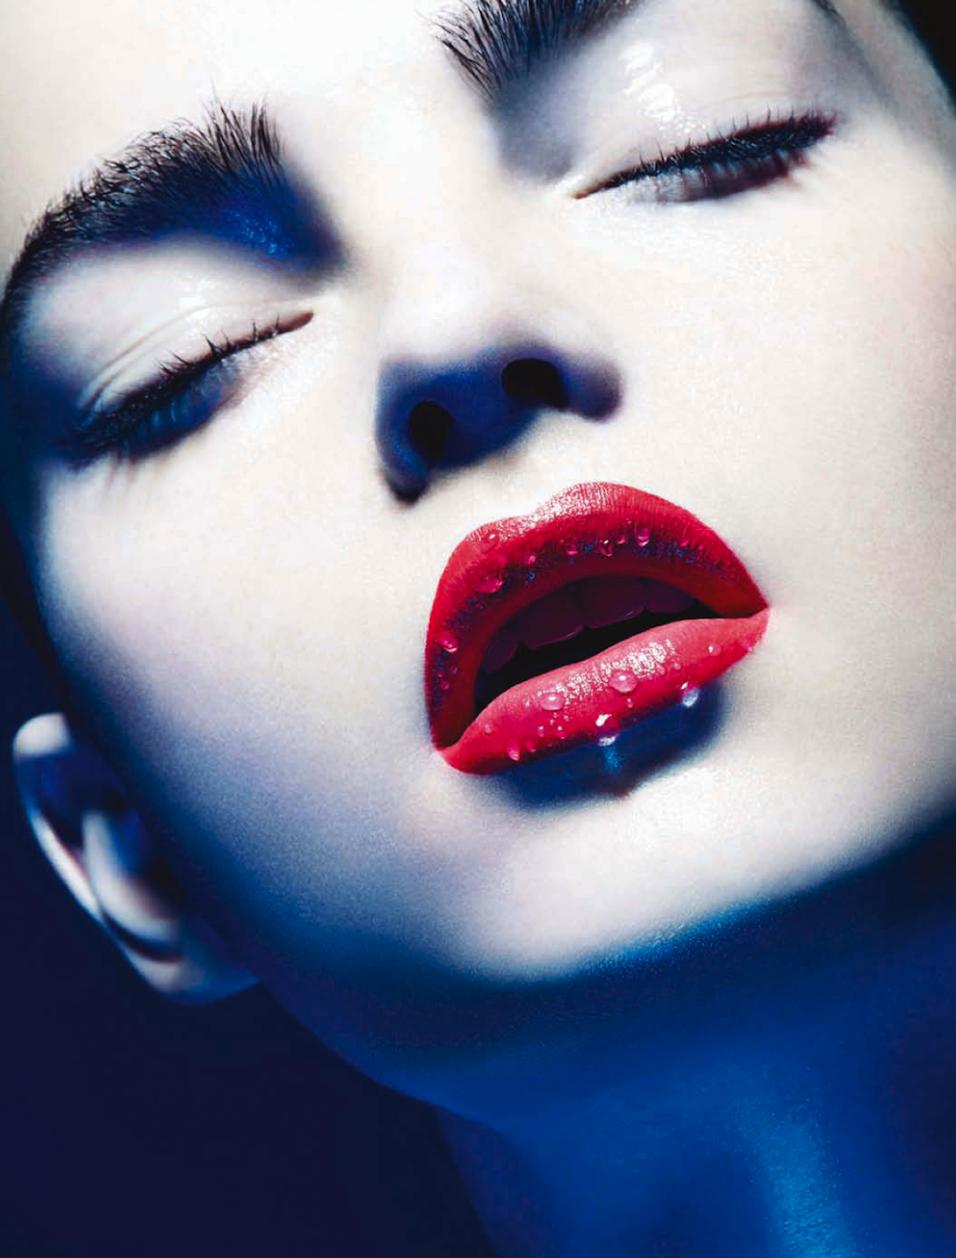 Ellen Burton in Giorgio Armani Beauty forWonderland Magazine, F/W 2014.